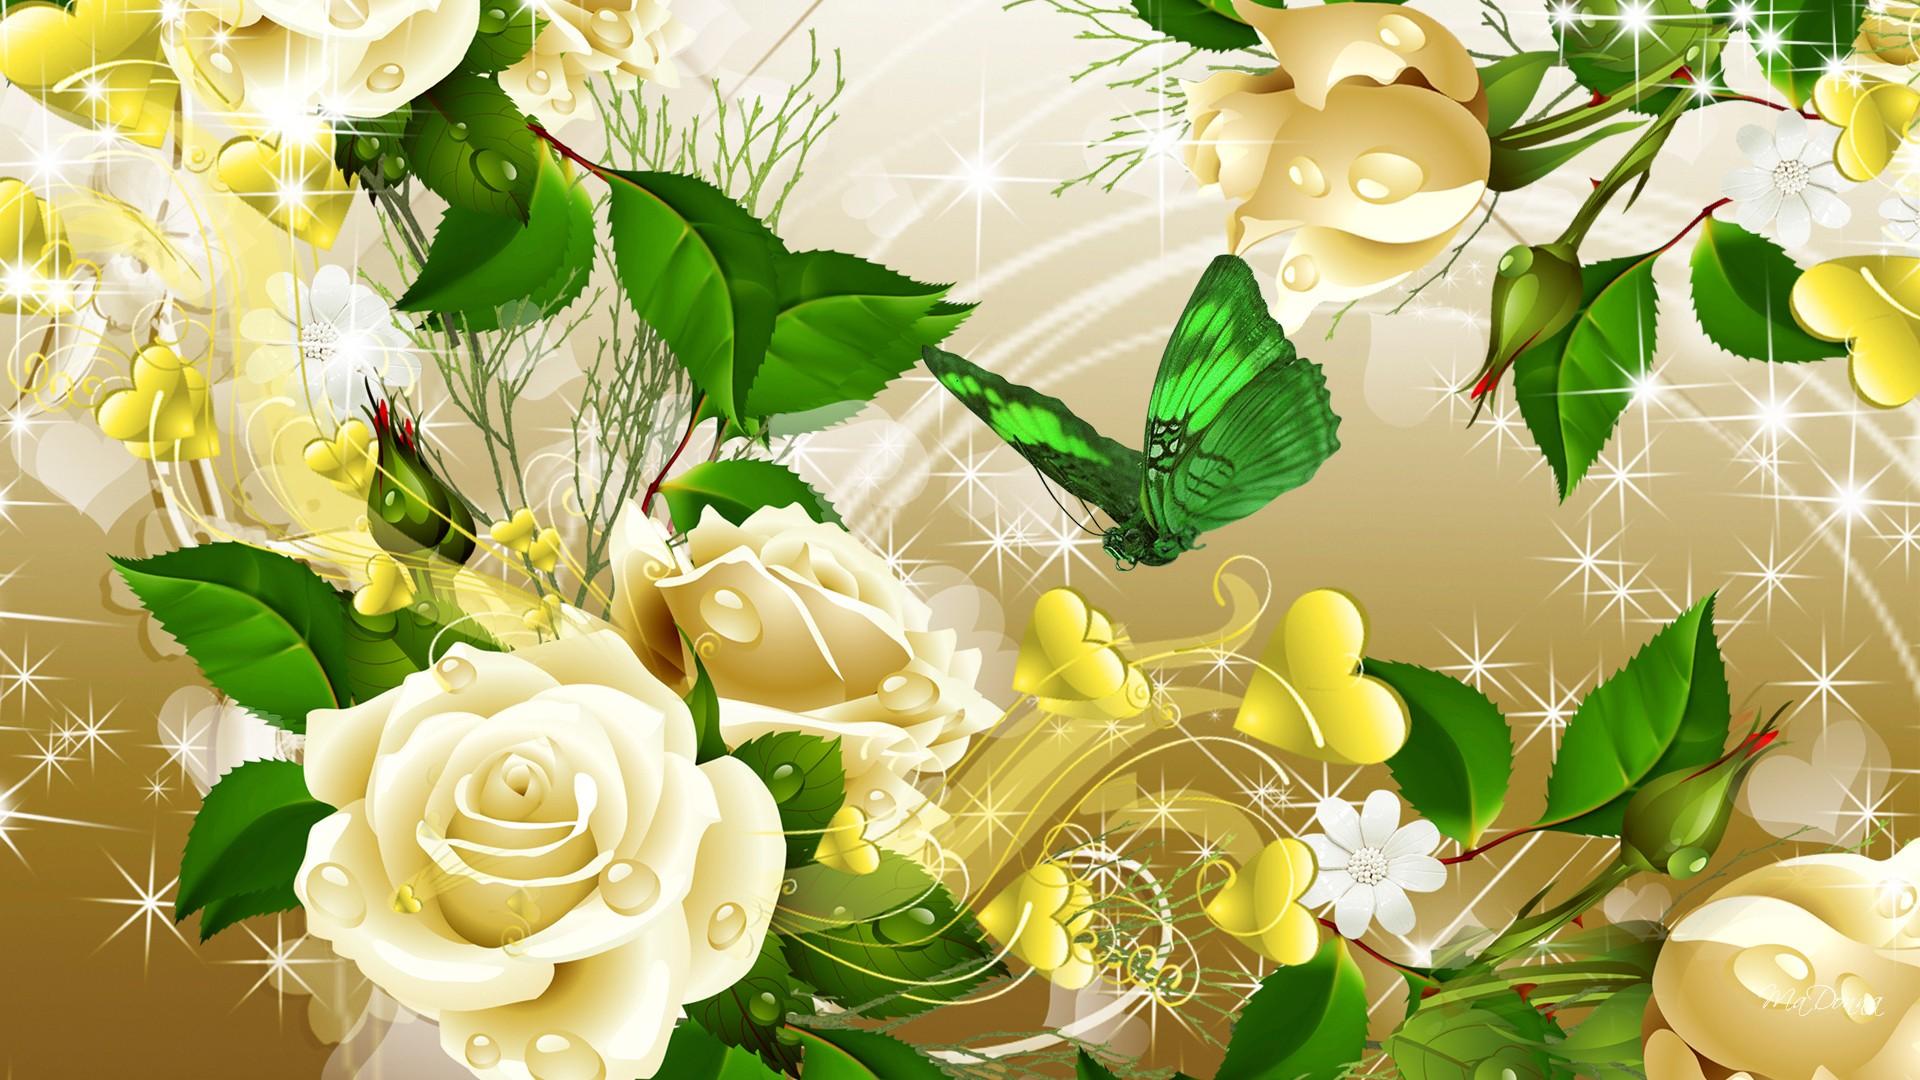 Hd wallpaper yellow rose - Yellow Roses Wallpapers Hd 1 Freetopwallpaper Com